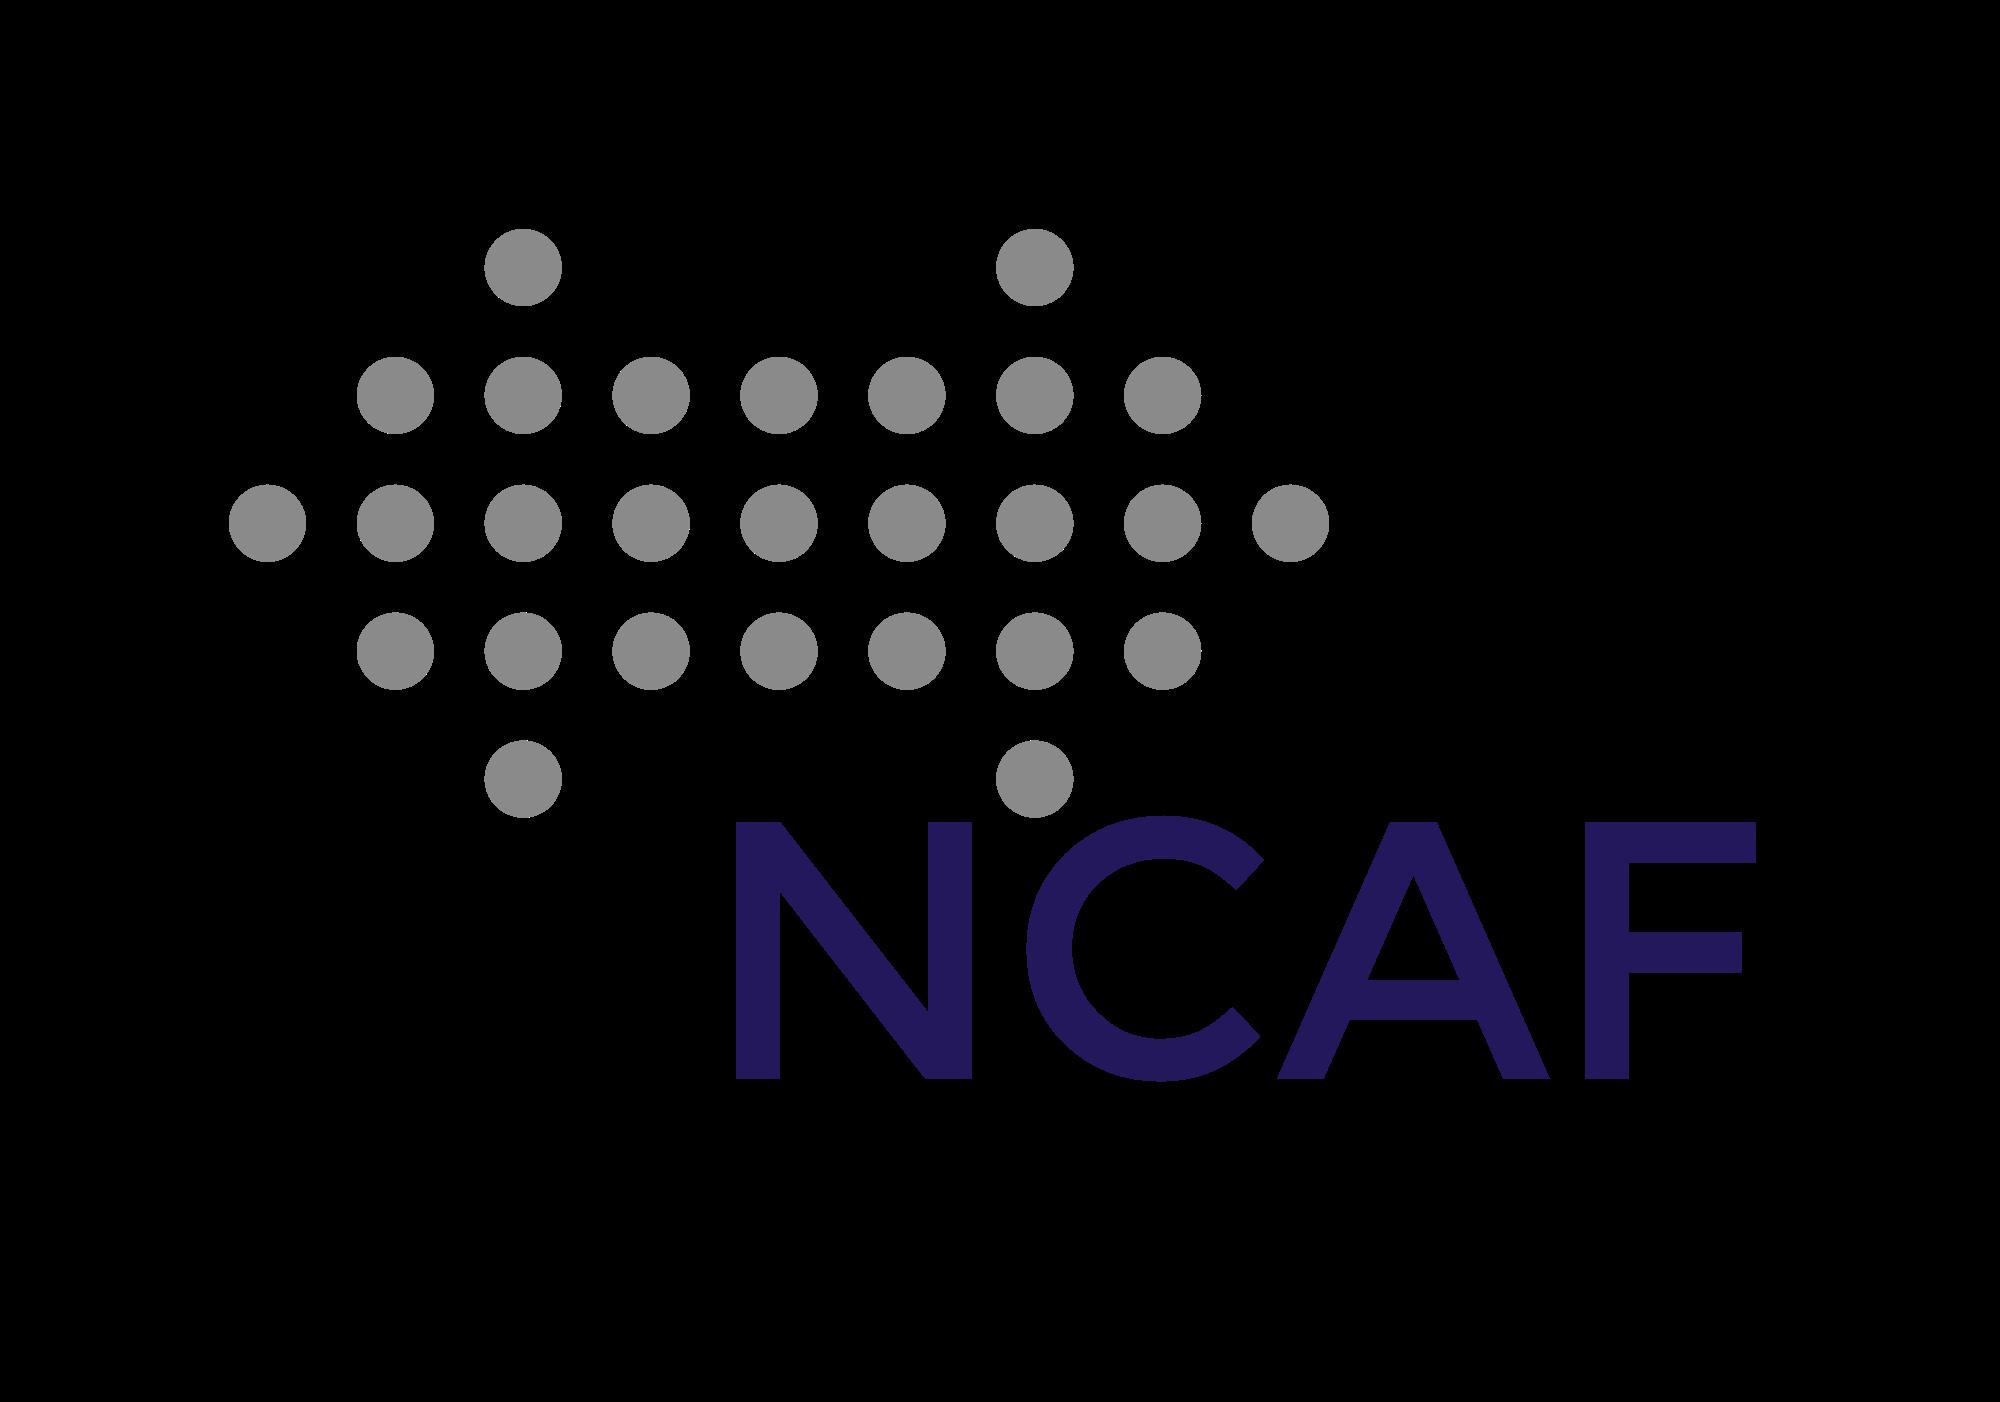 NCAF-logo.png